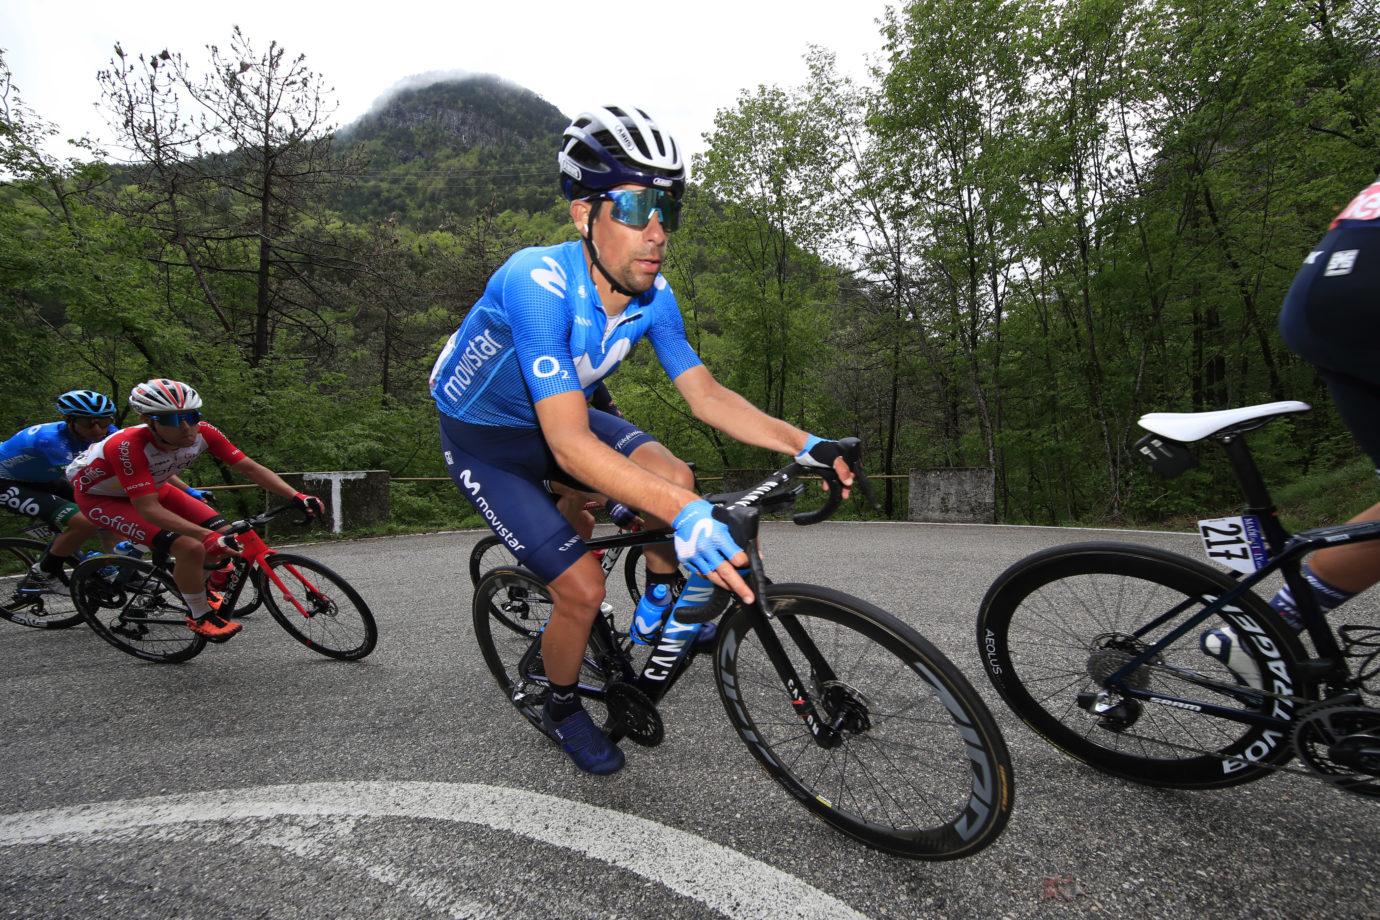 Imagen de la noticia 'Oliveira (8th) at winning break in Zoncolan; Pedrero within GC contenders'